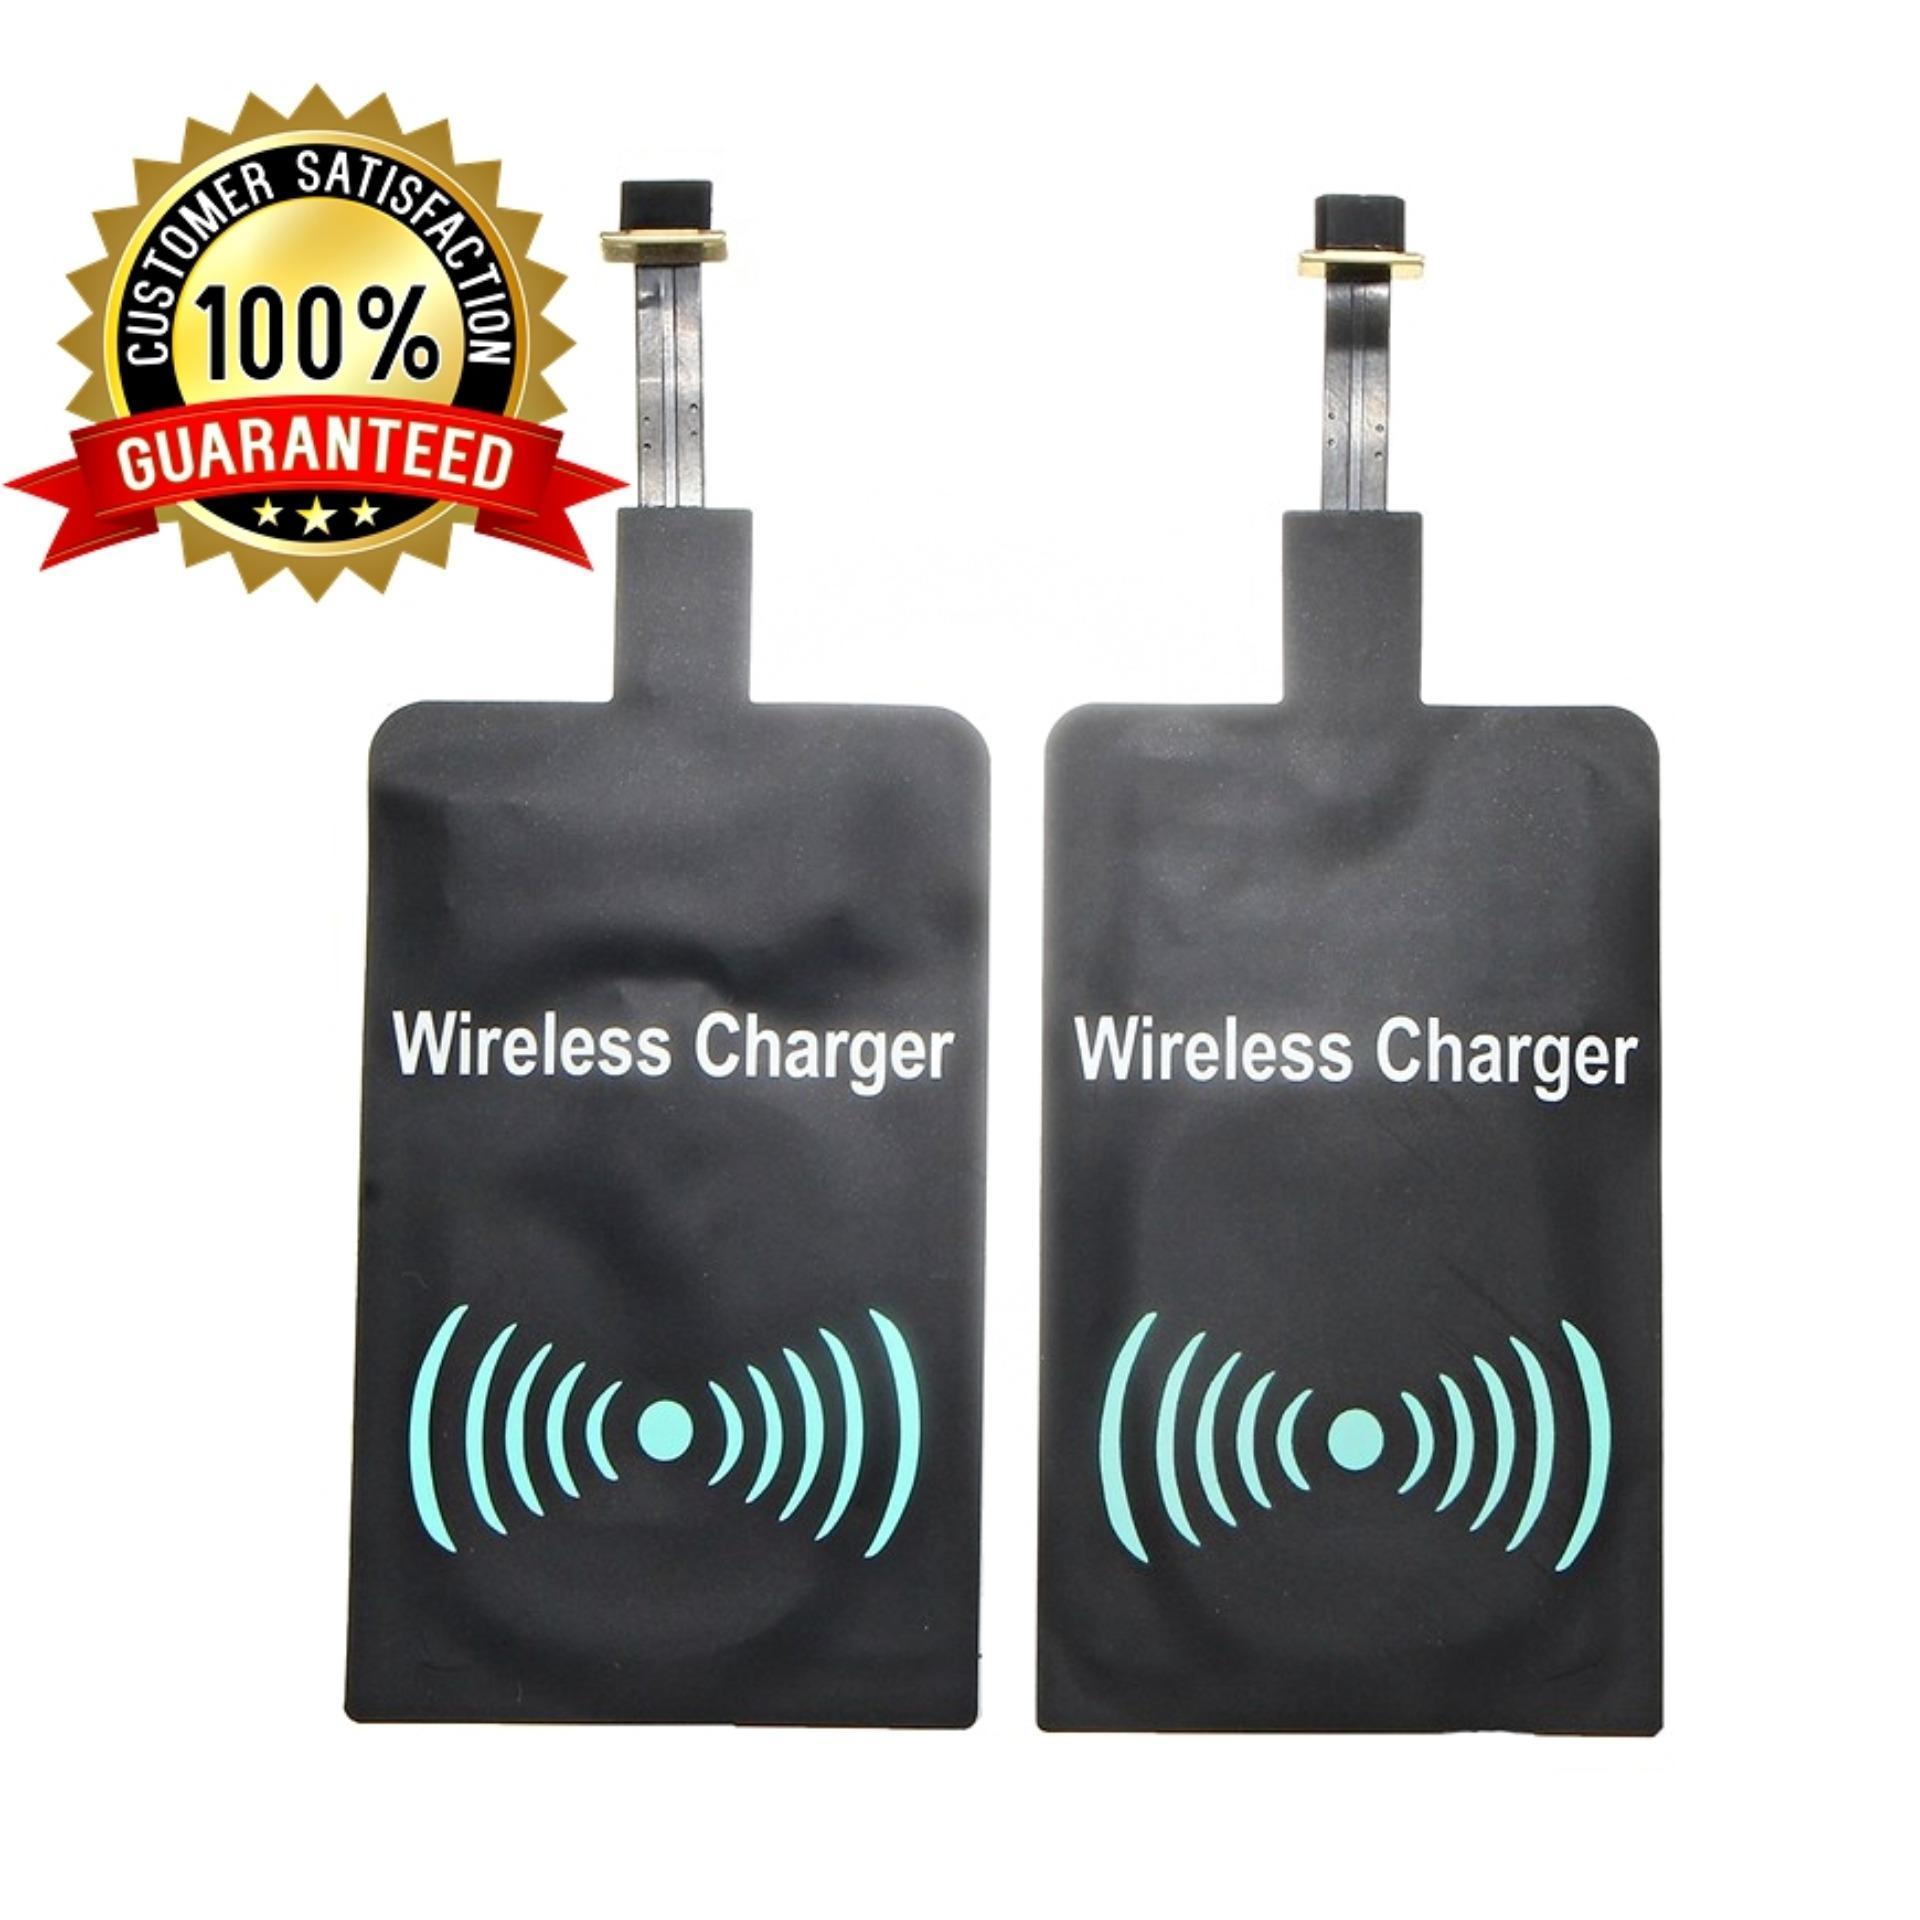 Chip sạc không dây điện thoại iPhone Android Micro USB